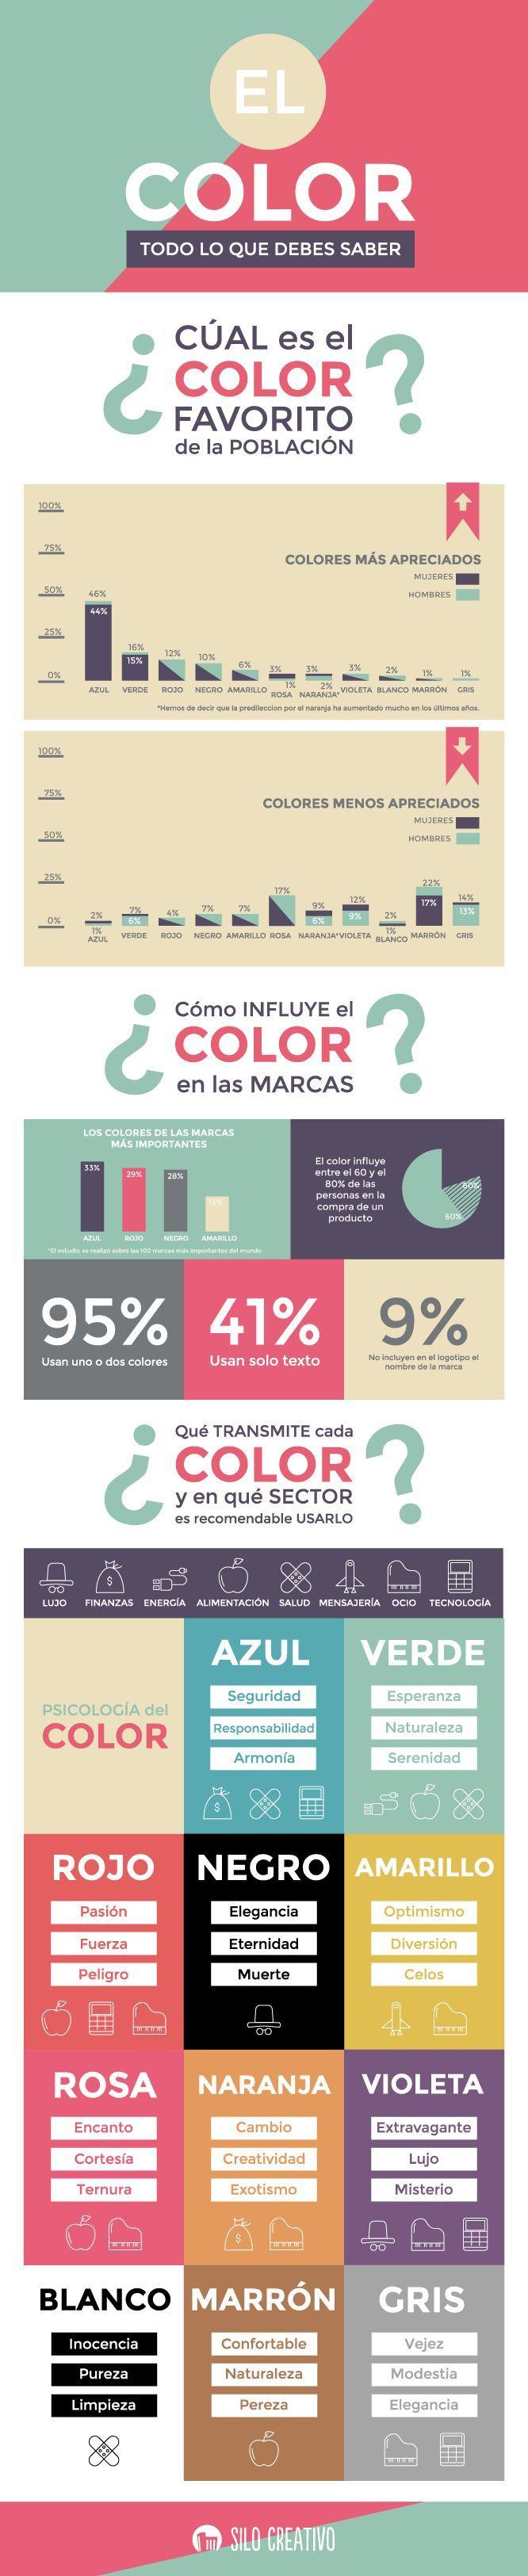 Mejorando el CRO Usando los Colores